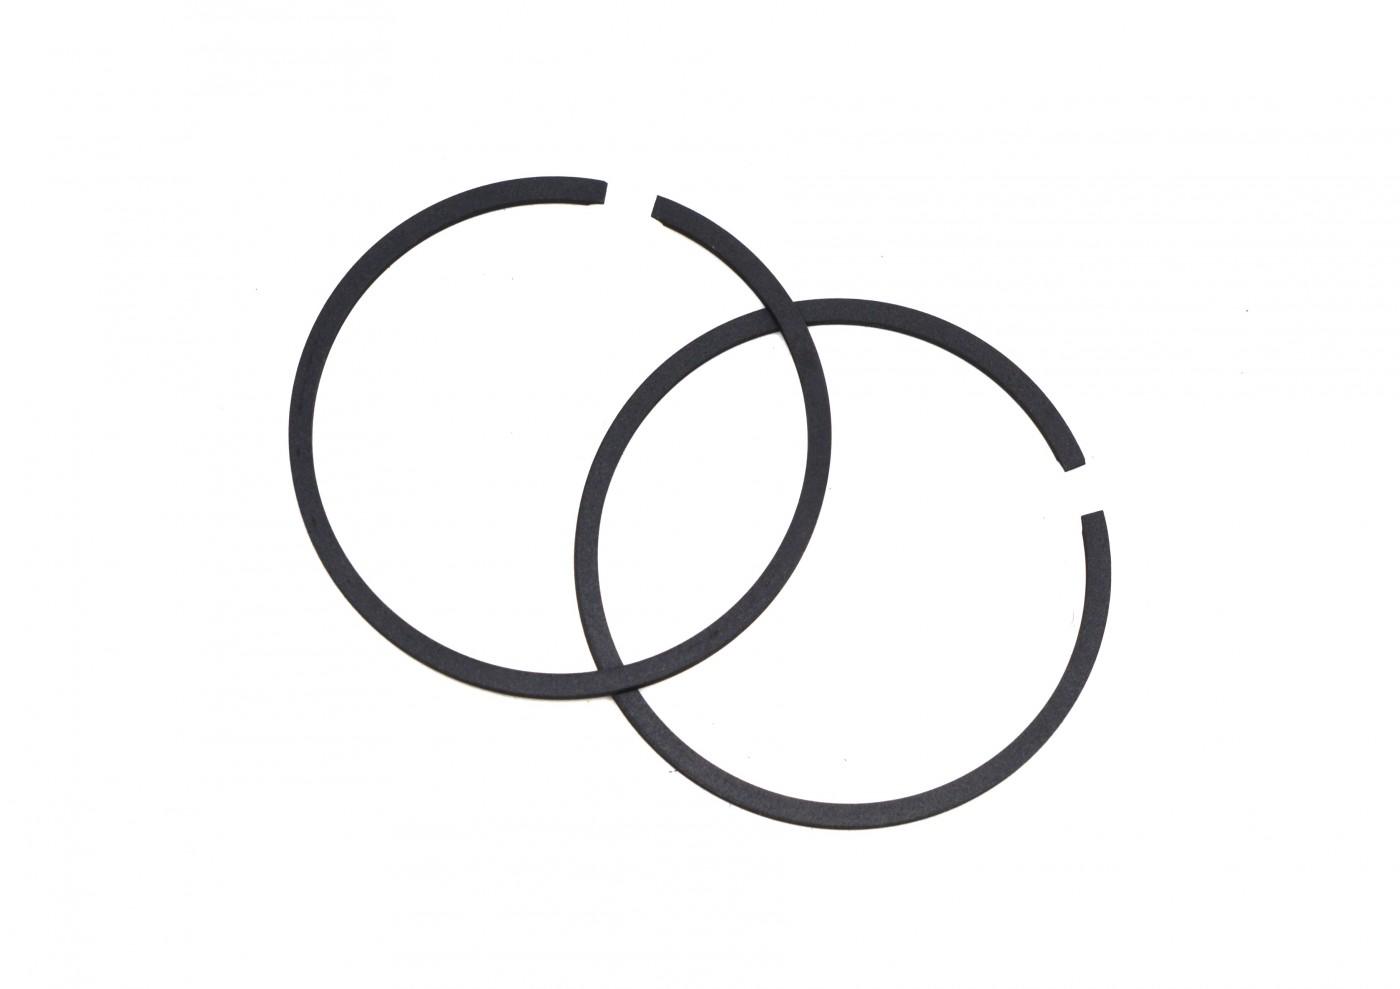 Súprava piestnych krúžkov  - 46 mm